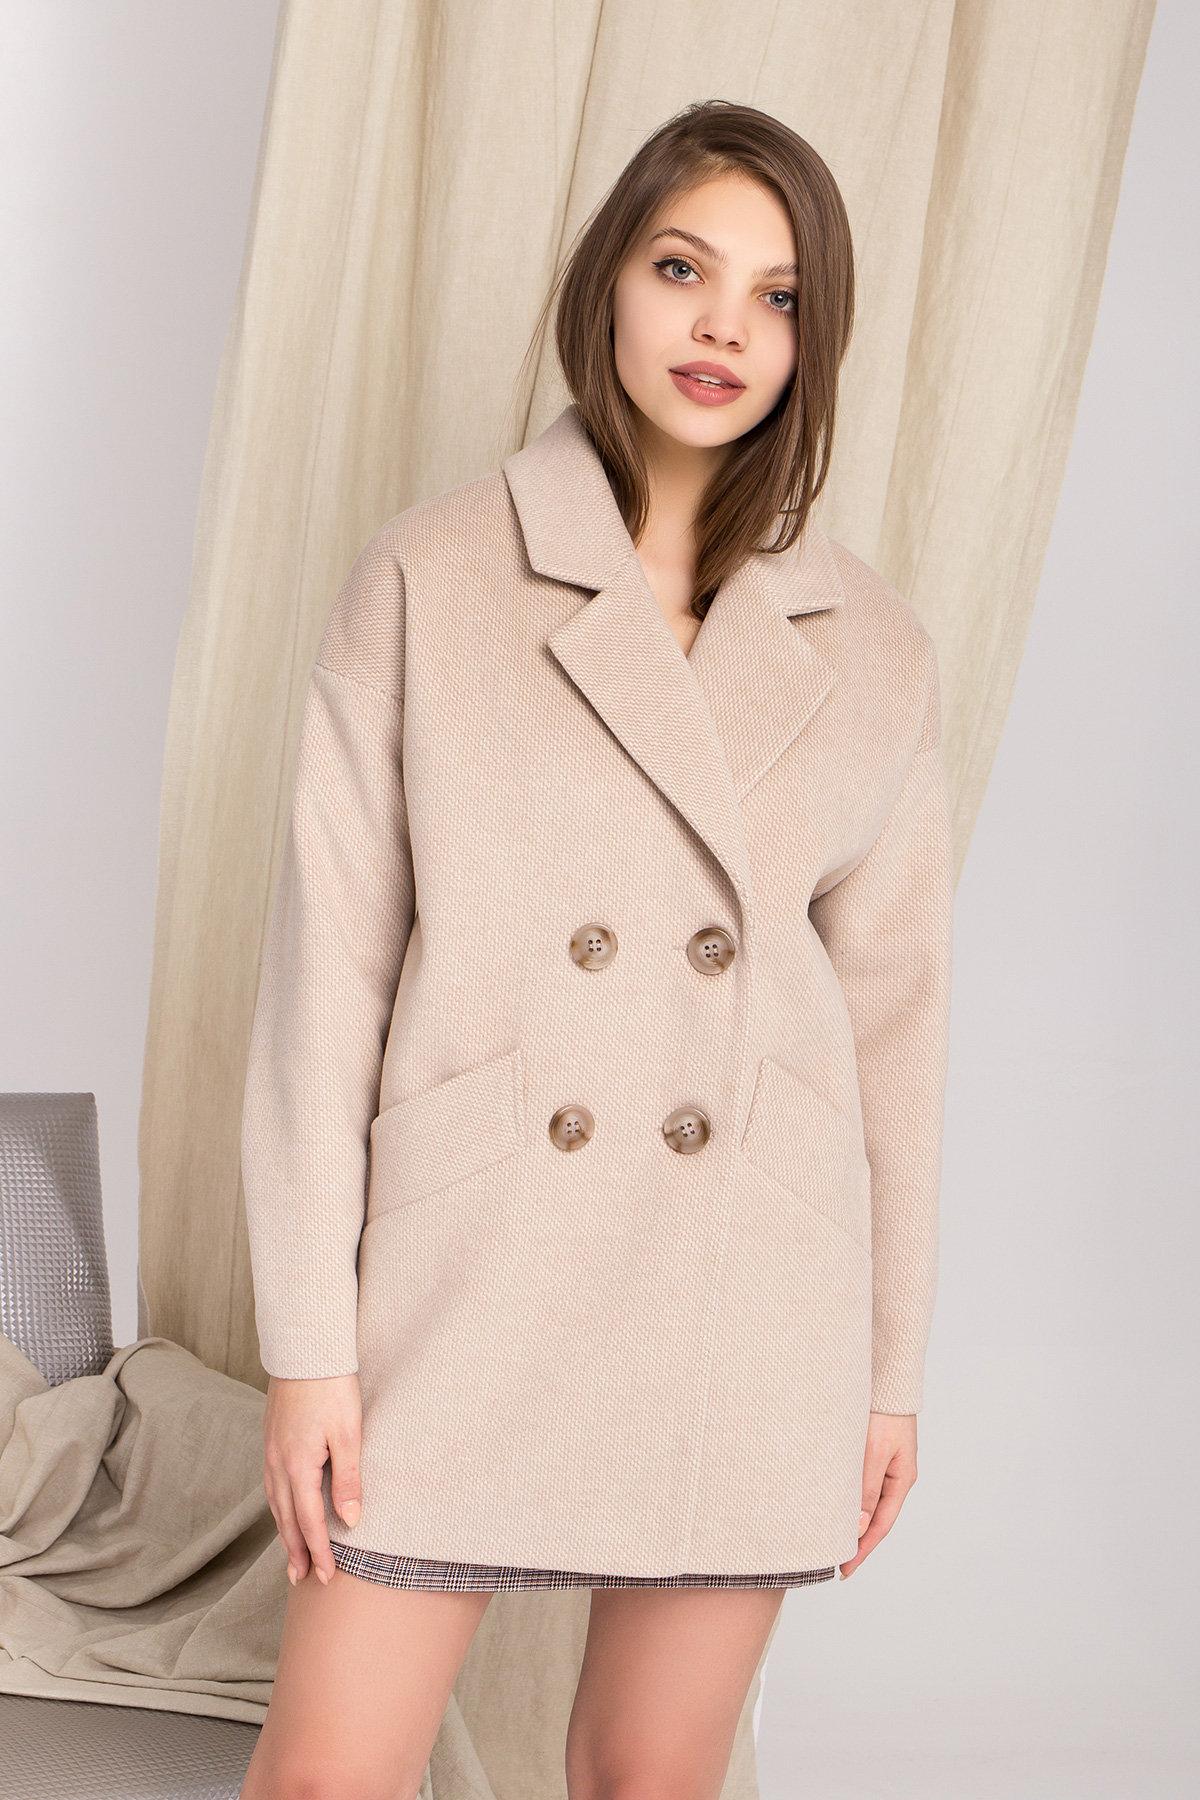 Демисезонное двубортное пальто Бонд 8927 АРТ. 45227 Цвет: Бежевый Светлый - фото 4, интернет магазин tm-modus.ru